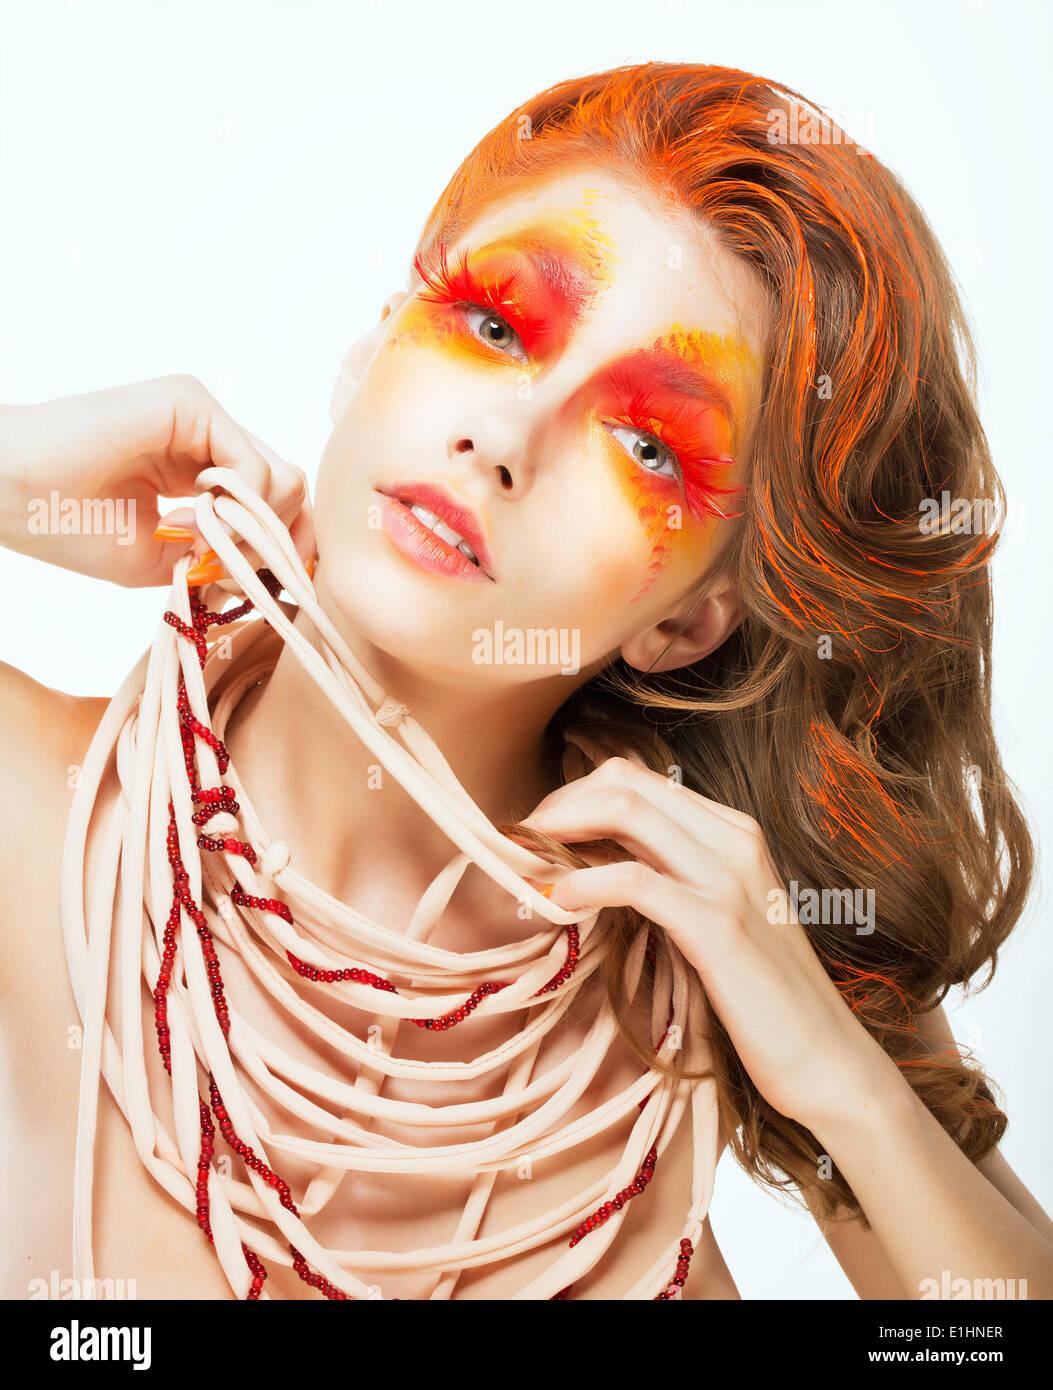 expresi n cara de mujer de pelo rojo brillante art stico el concepto de arte foto imagen de. Black Bedroom Furniture Sets. Home Design Ideas